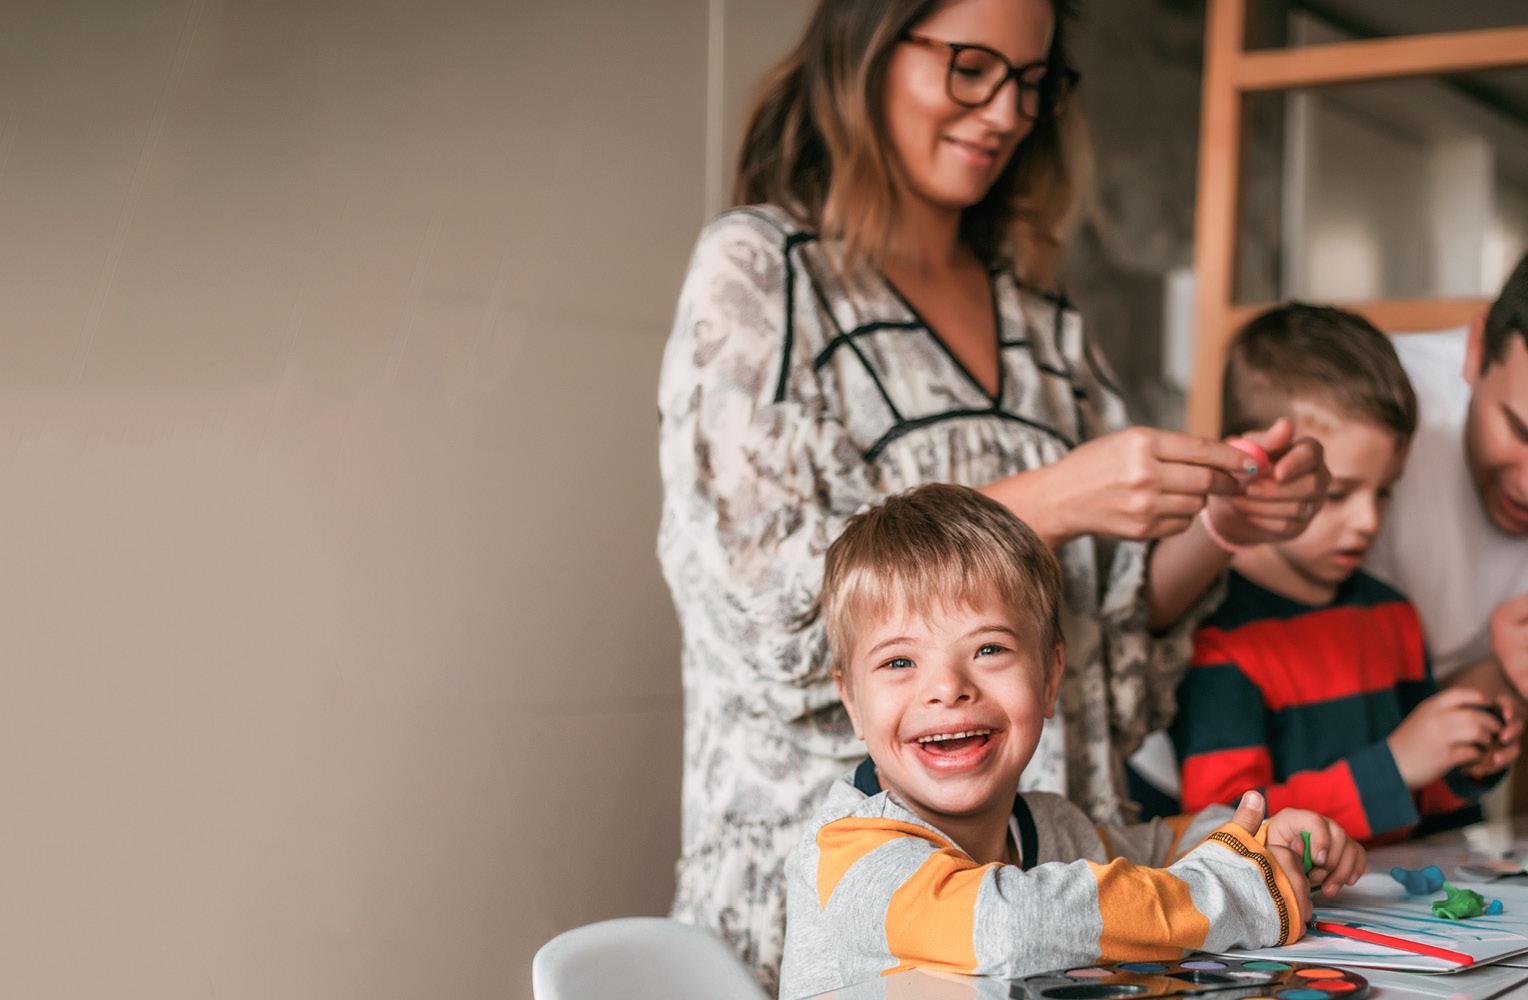 Kind sitzt lachend am Basteltisch, im Hintergund zwei erwachsene und ein weiteres Kind